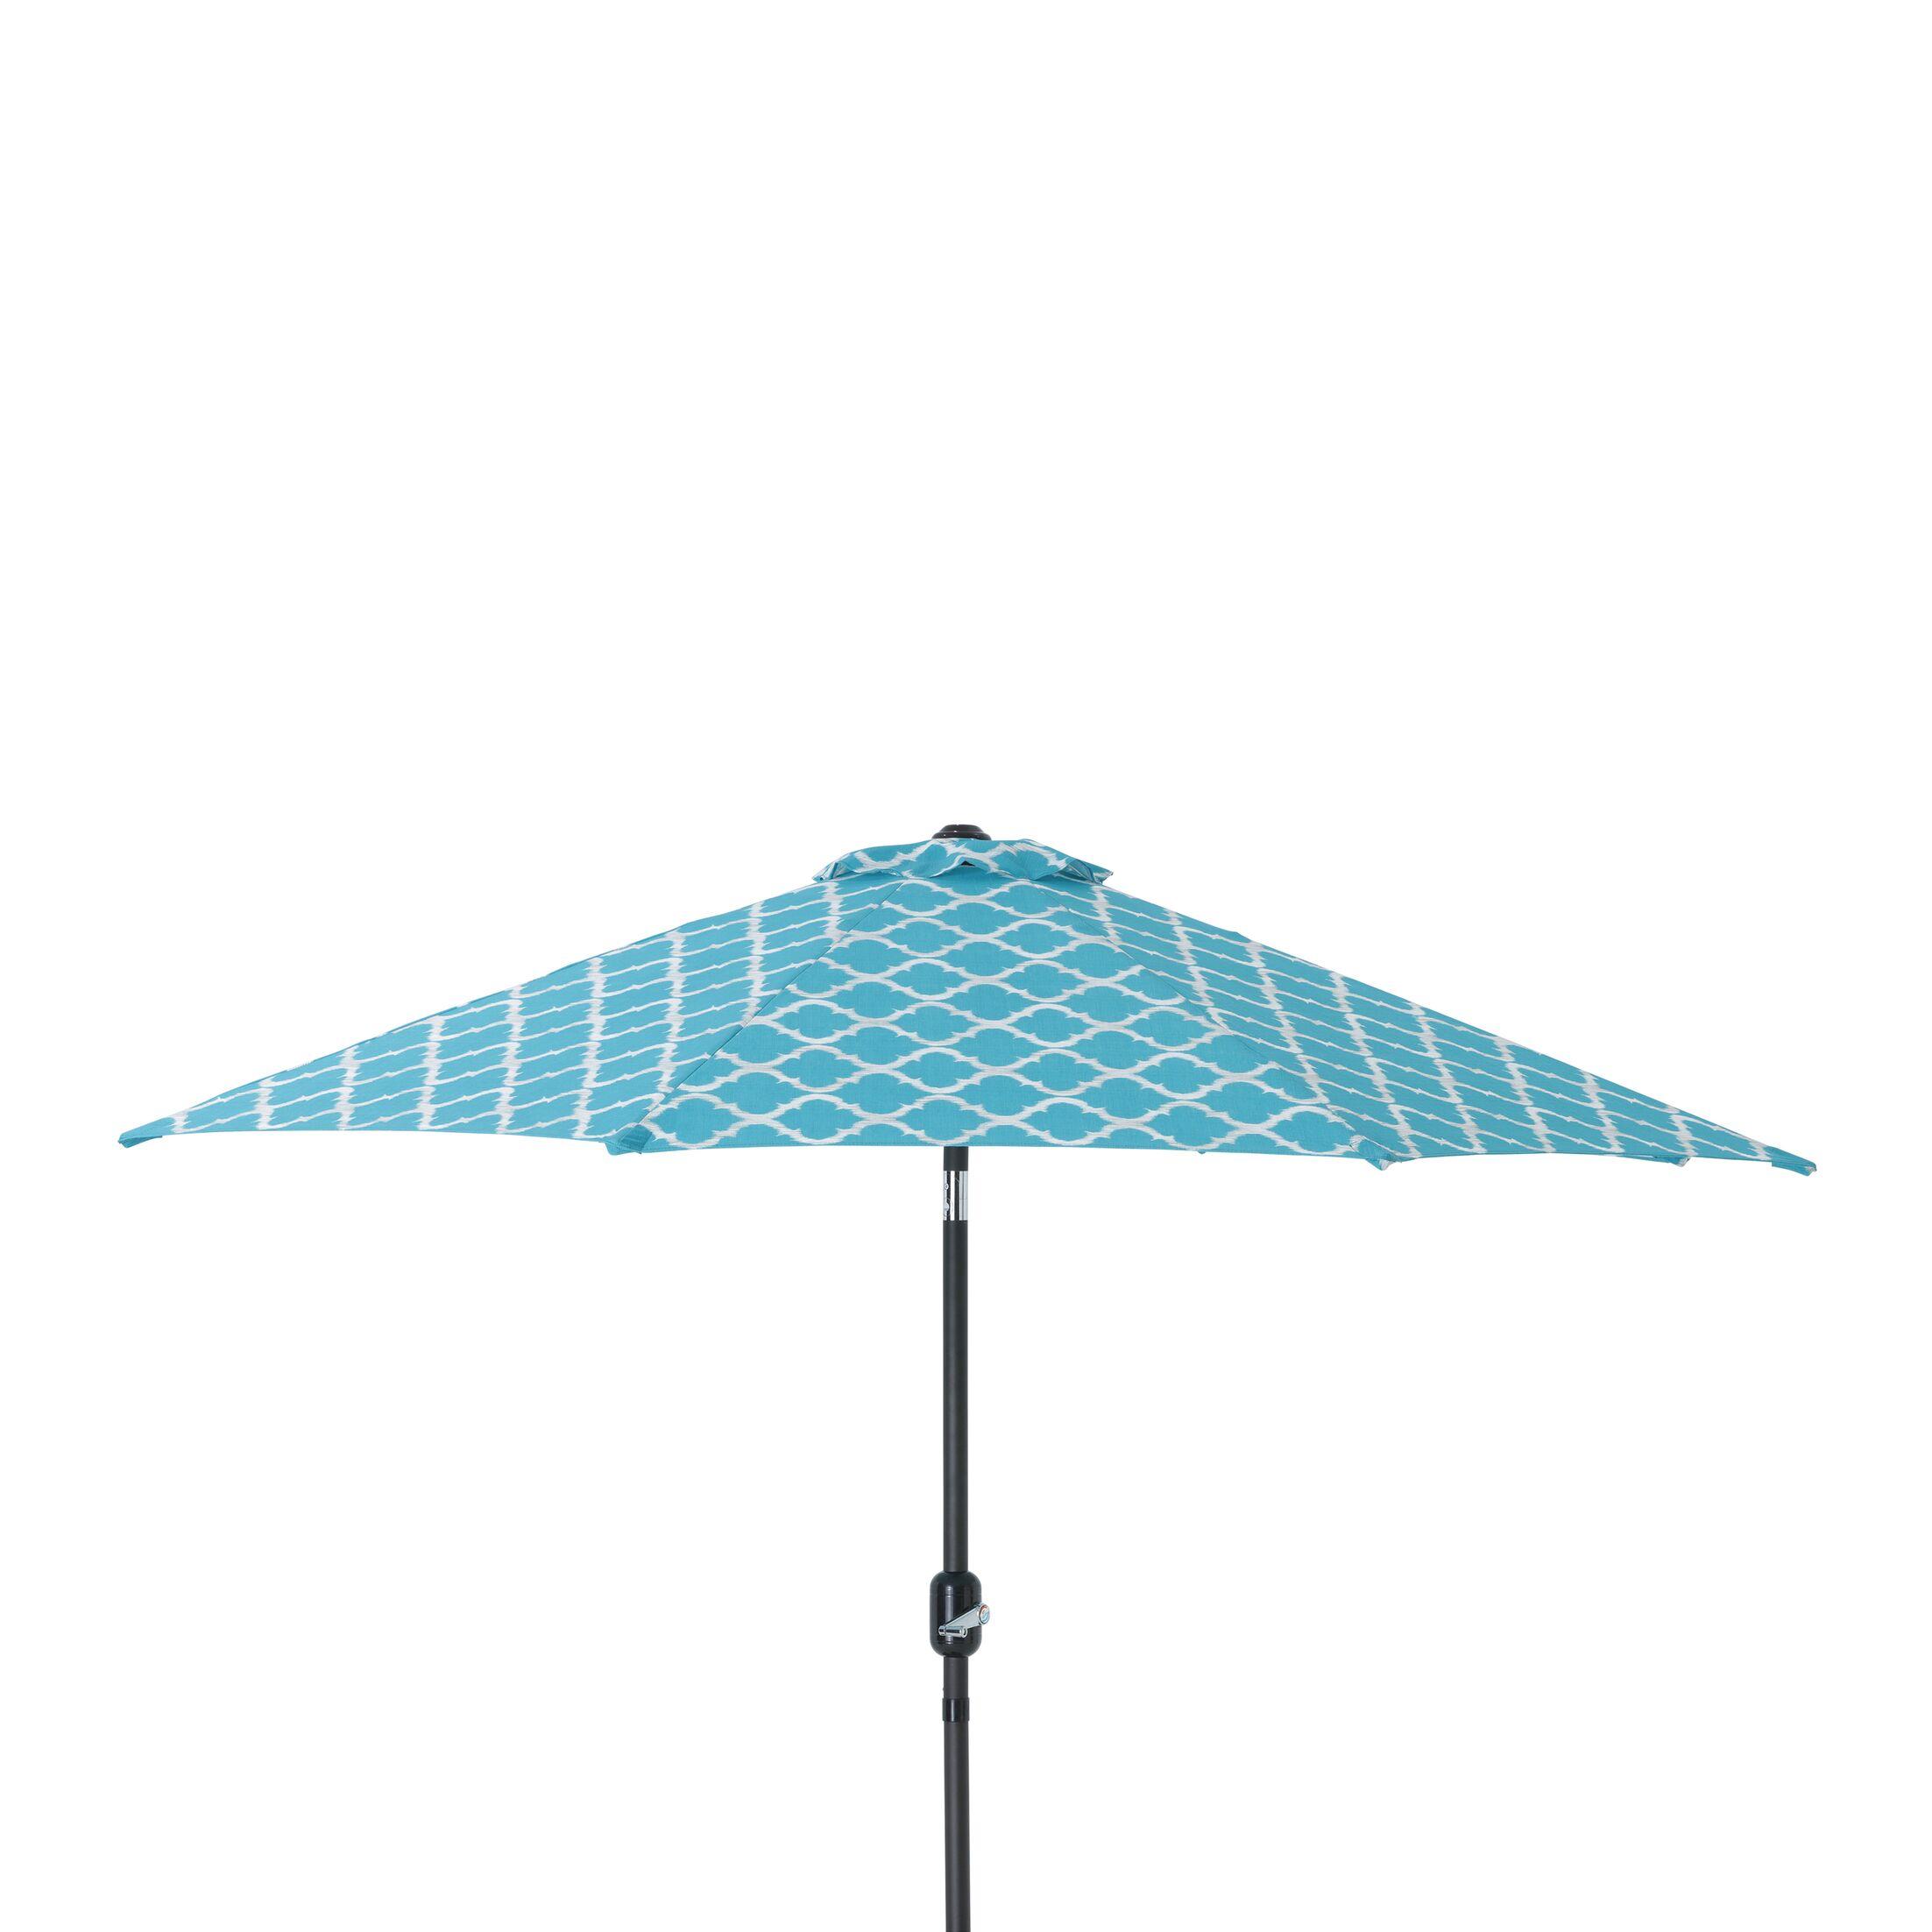 Kobette Teal 9' Market Umbrella Color: Teal